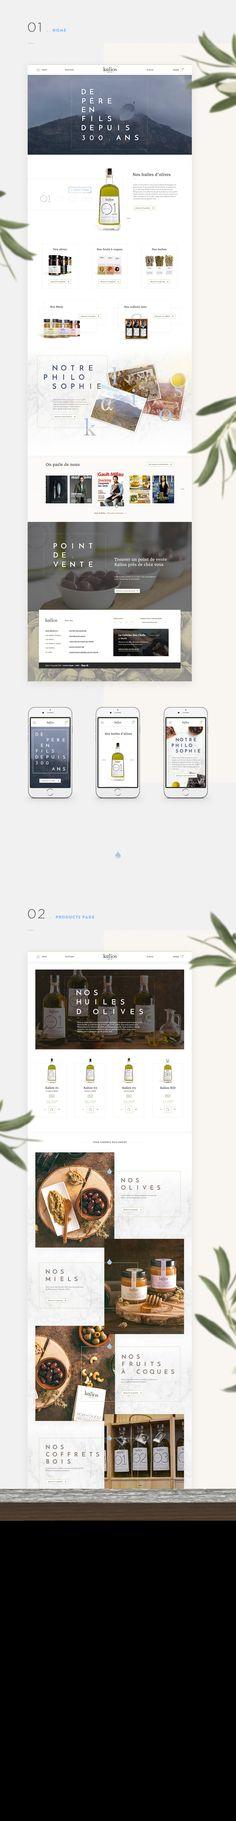 Diseño web - Inspiración y tendencia para el diseño y desarrollo de sitios web. Estilos minimalista-moderno. Diseño reponsive -adaptable a dispositivos móviles Invitar